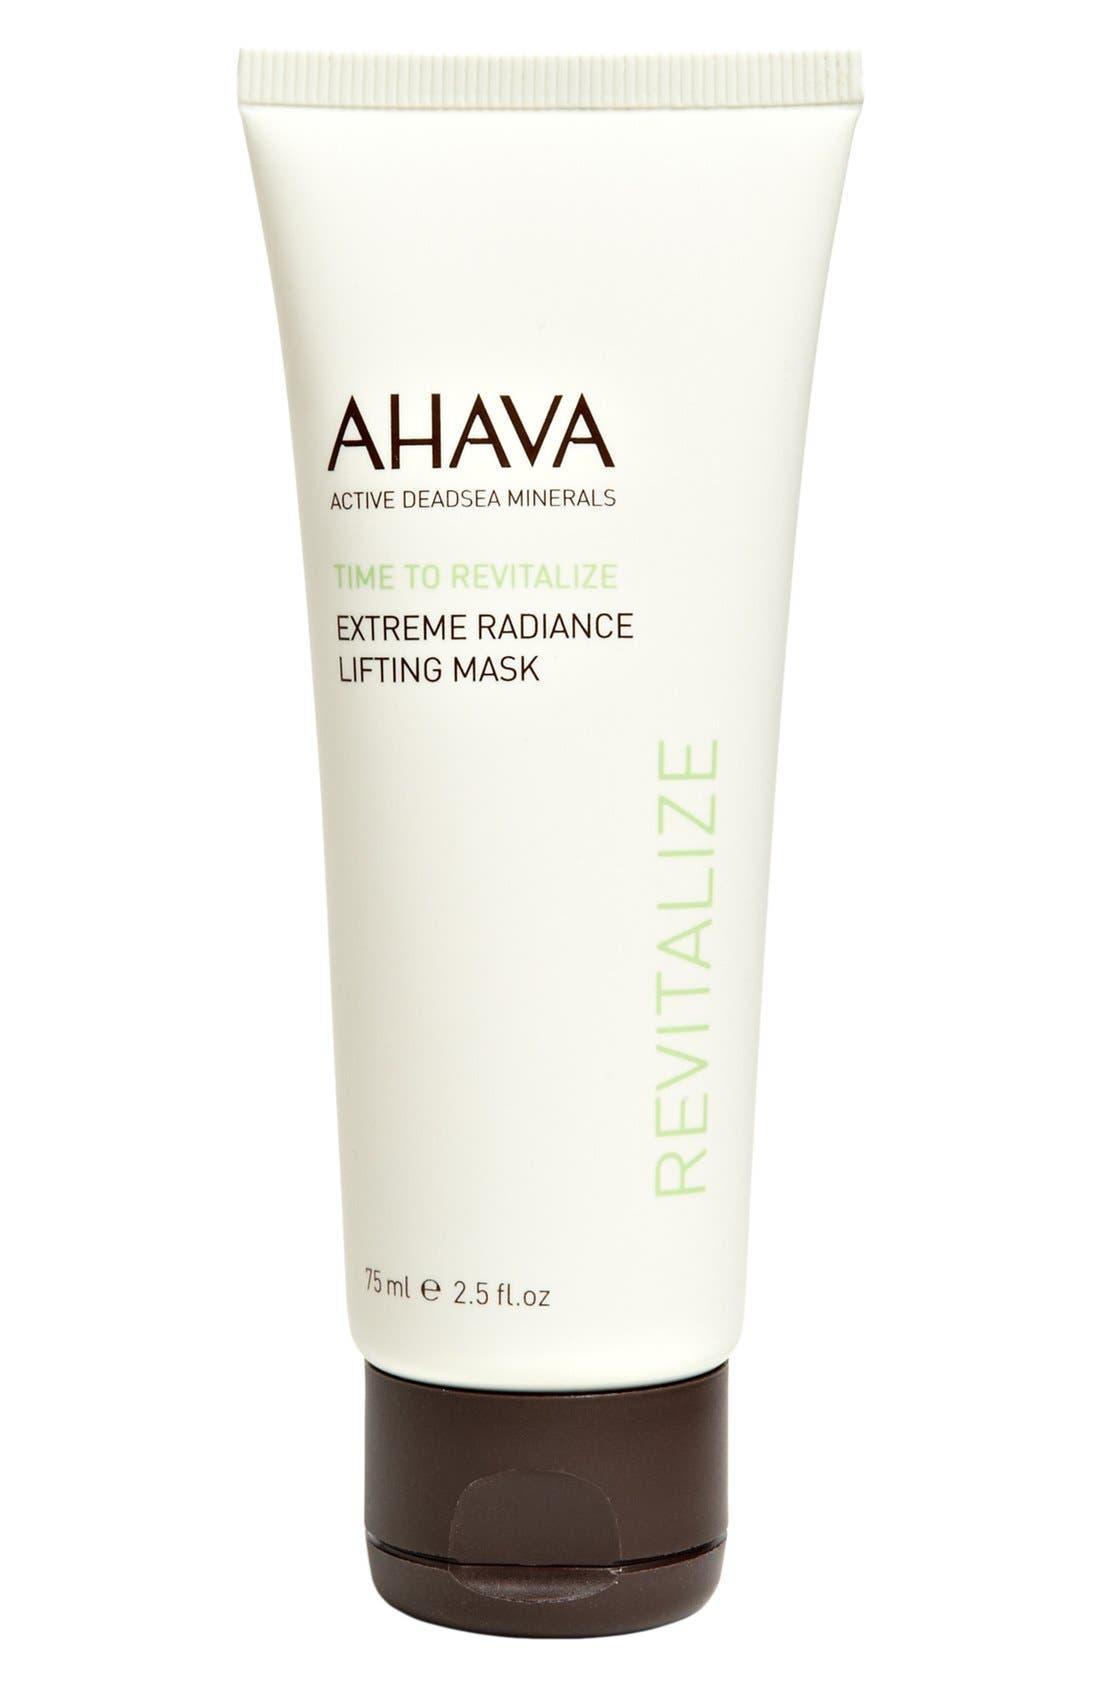 AHAVA 'Extreme Radiance' Lifting Mask